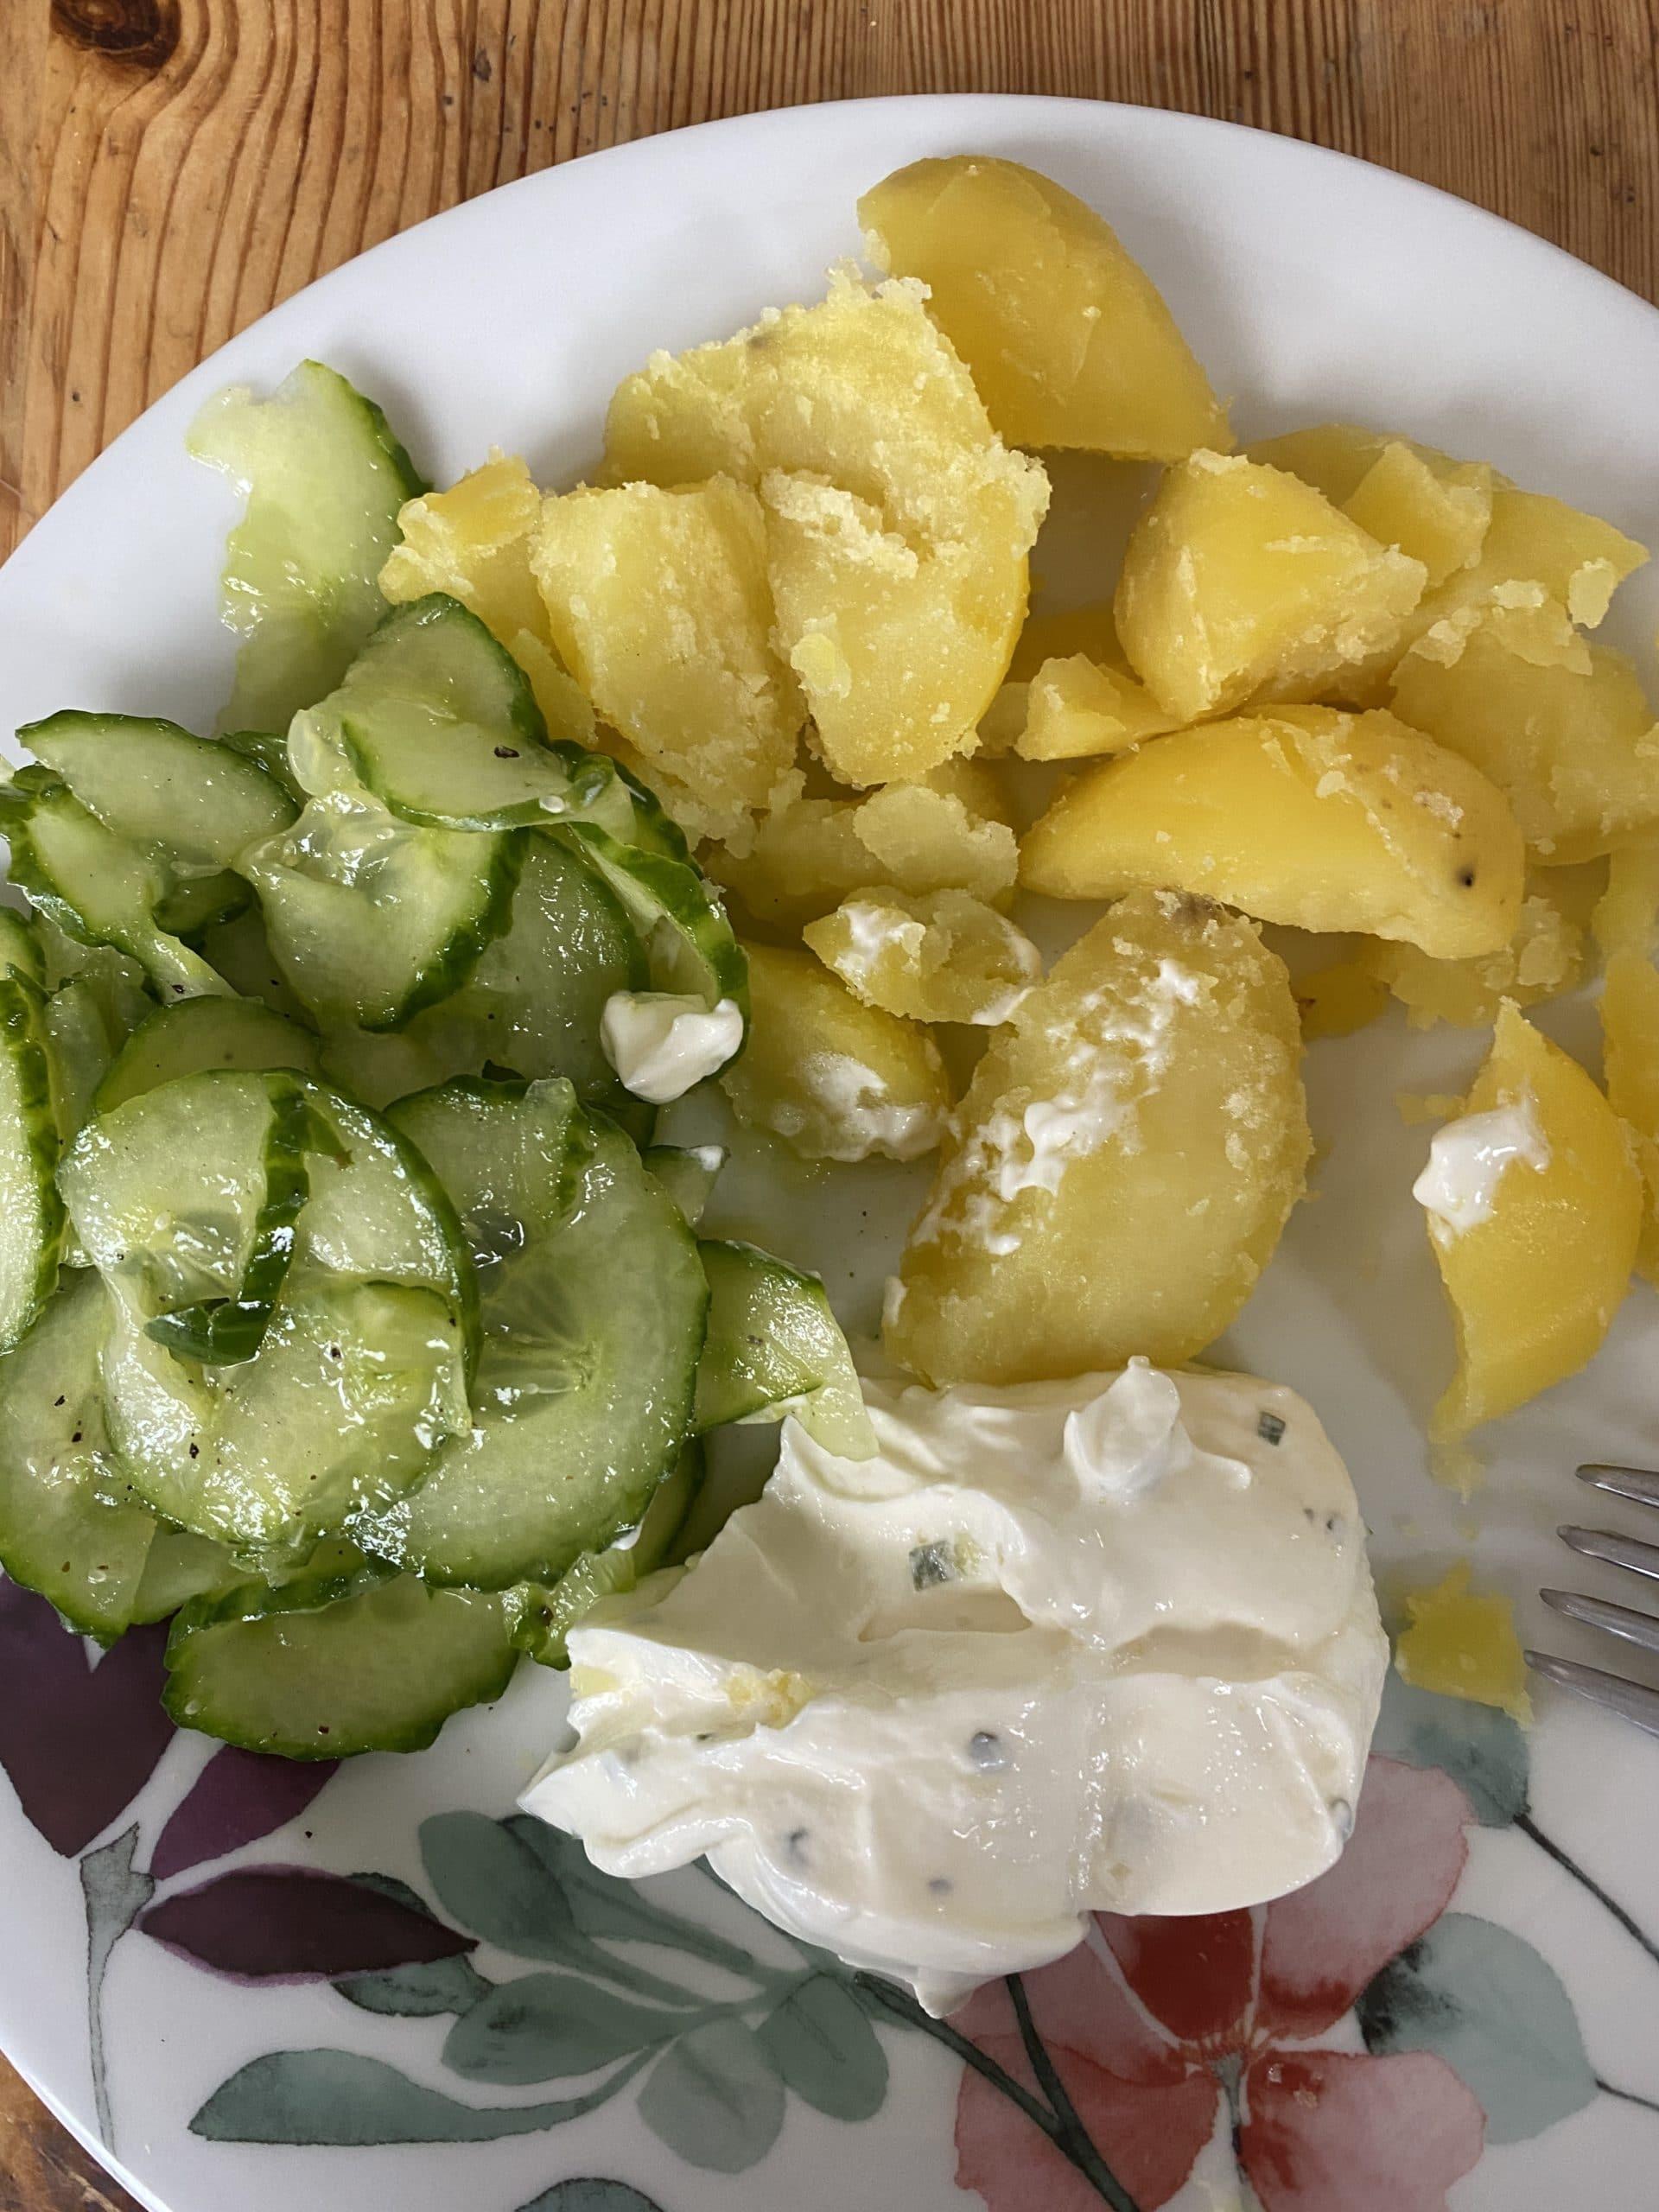 Zum Mittag dann Kartoffeln mit Quark und Gurkensalat. Bester Klassiker.